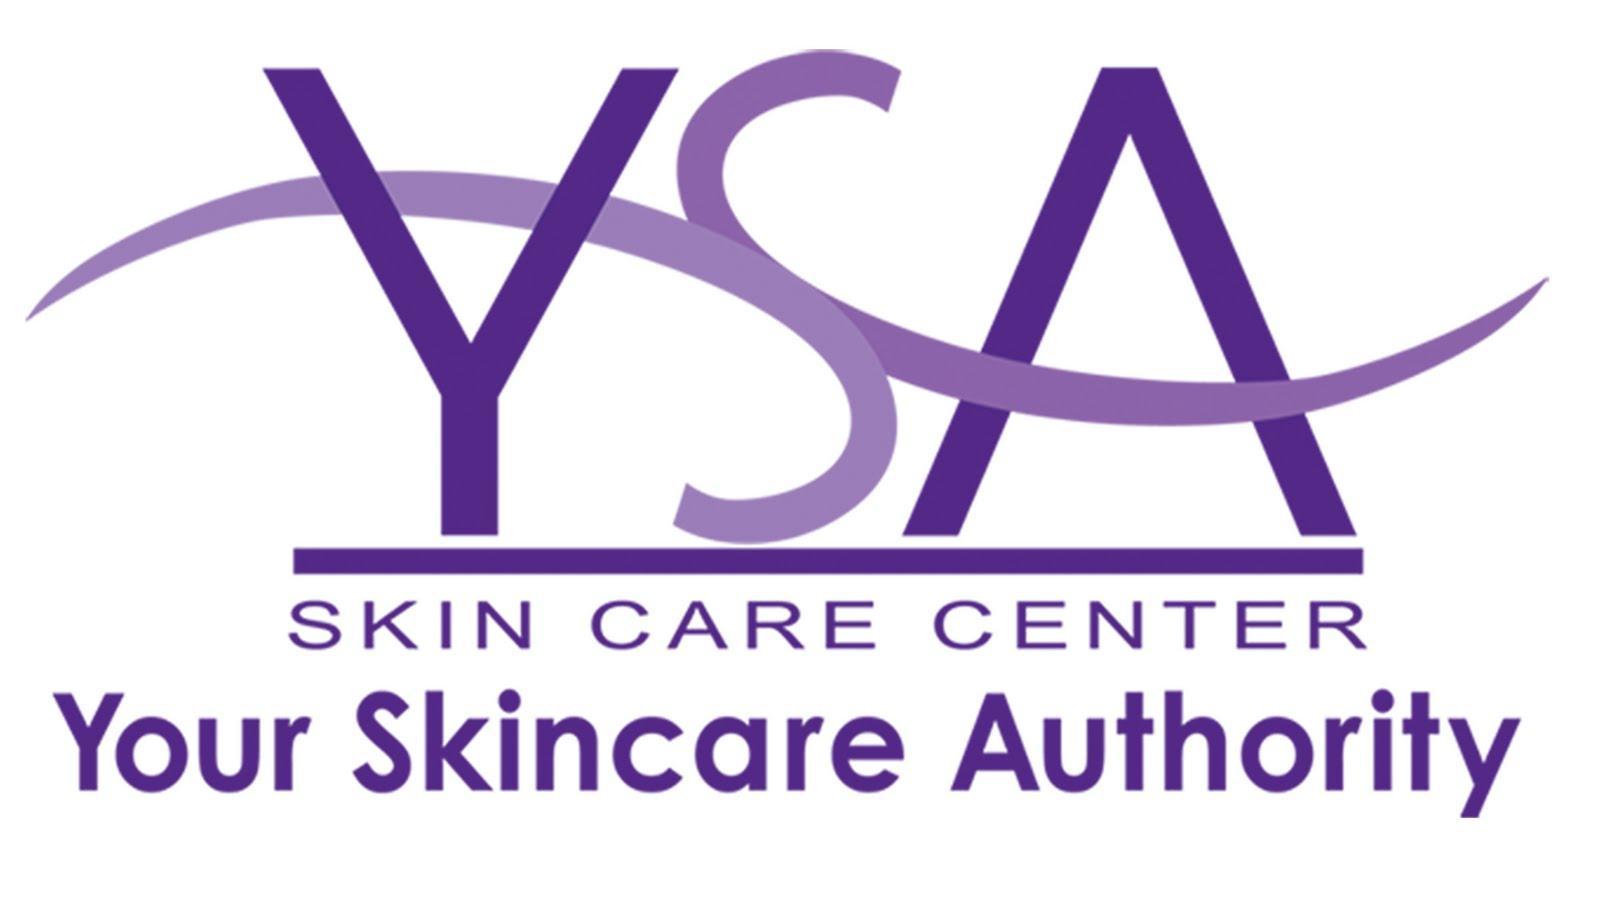 Ysa Skin Care